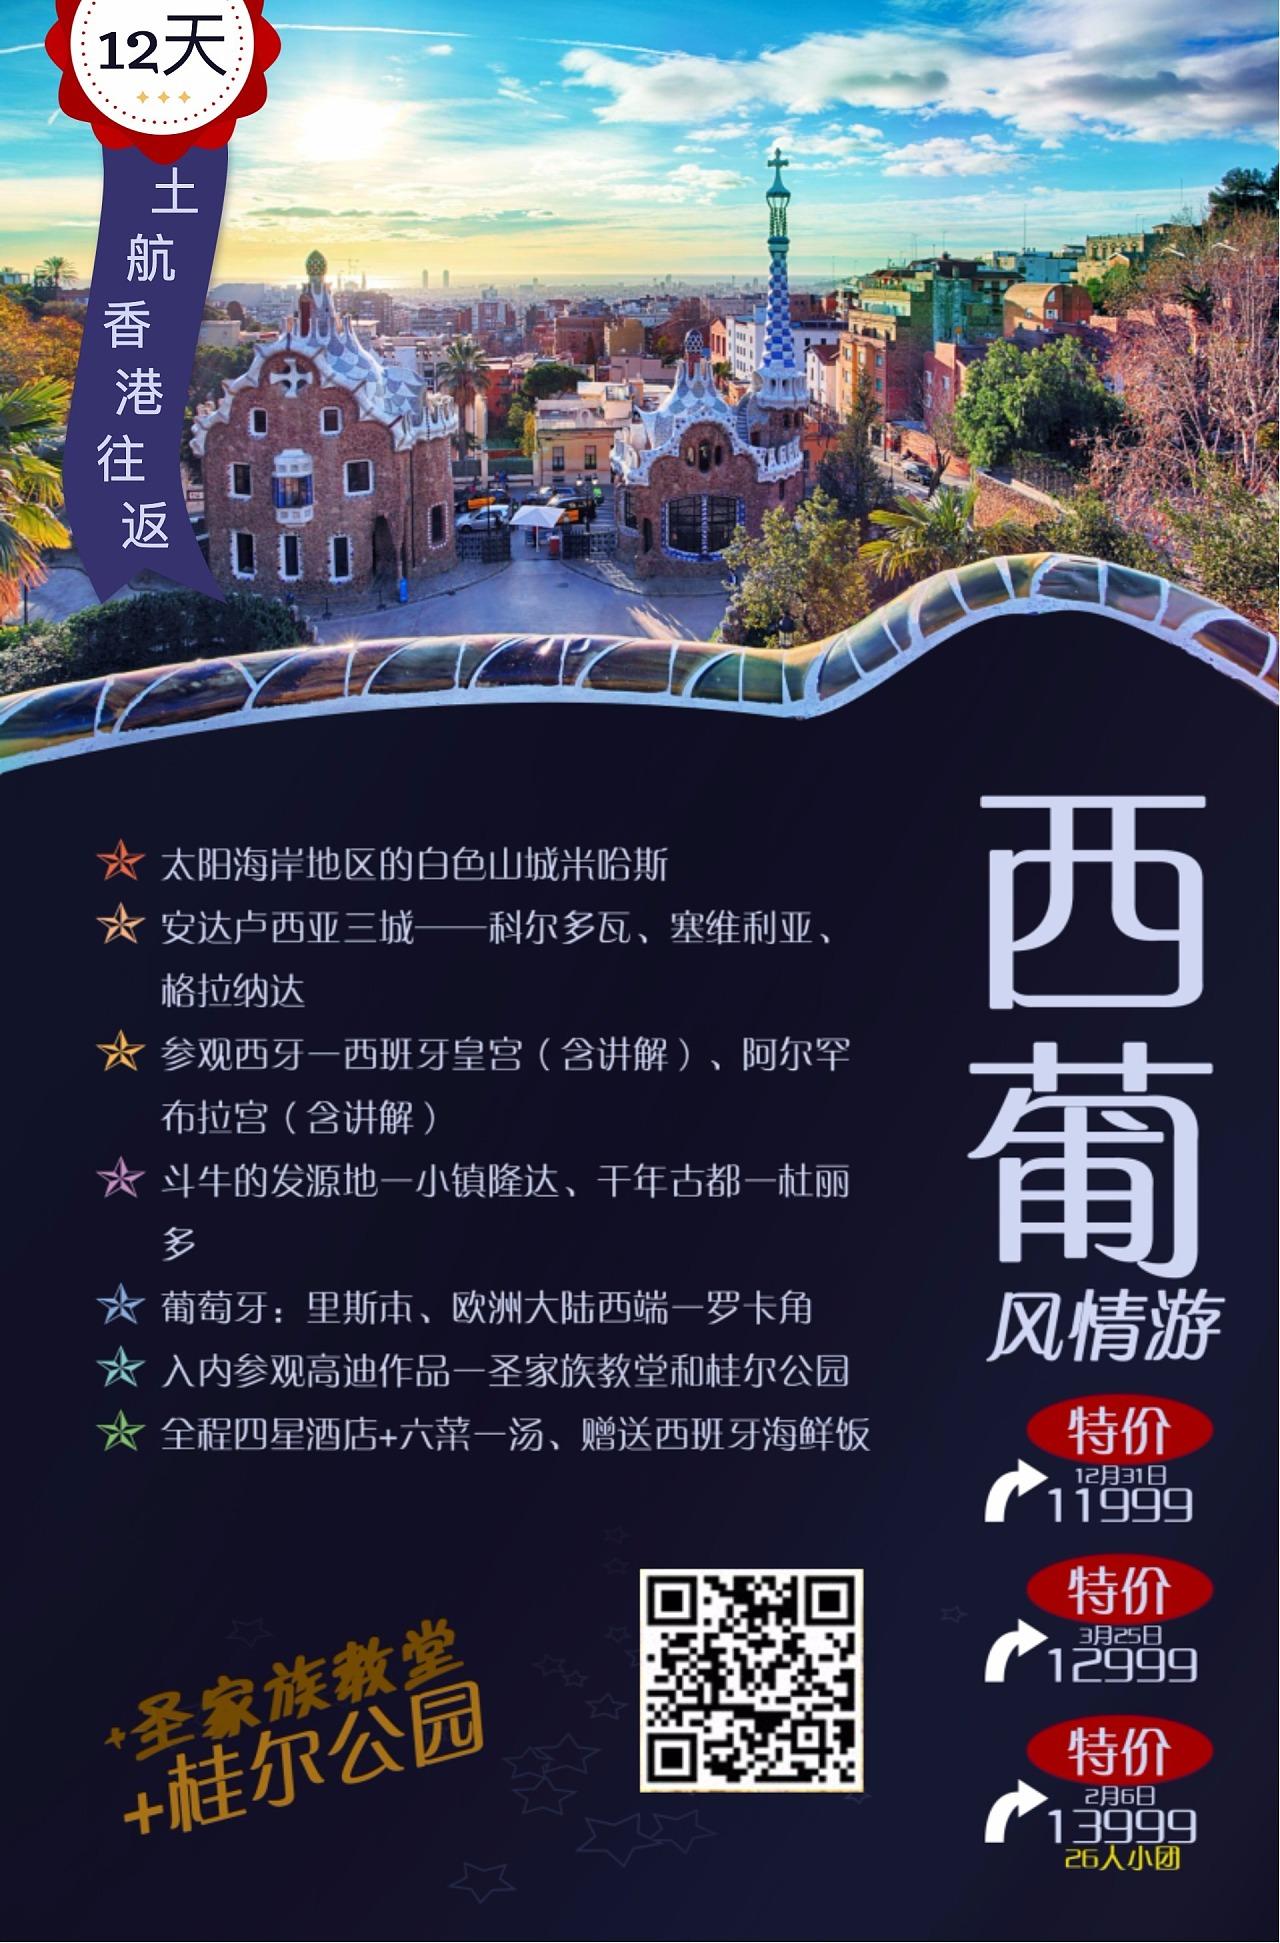 旅游宣传文案_全家福摄影宣传文案_旅游宣传文案